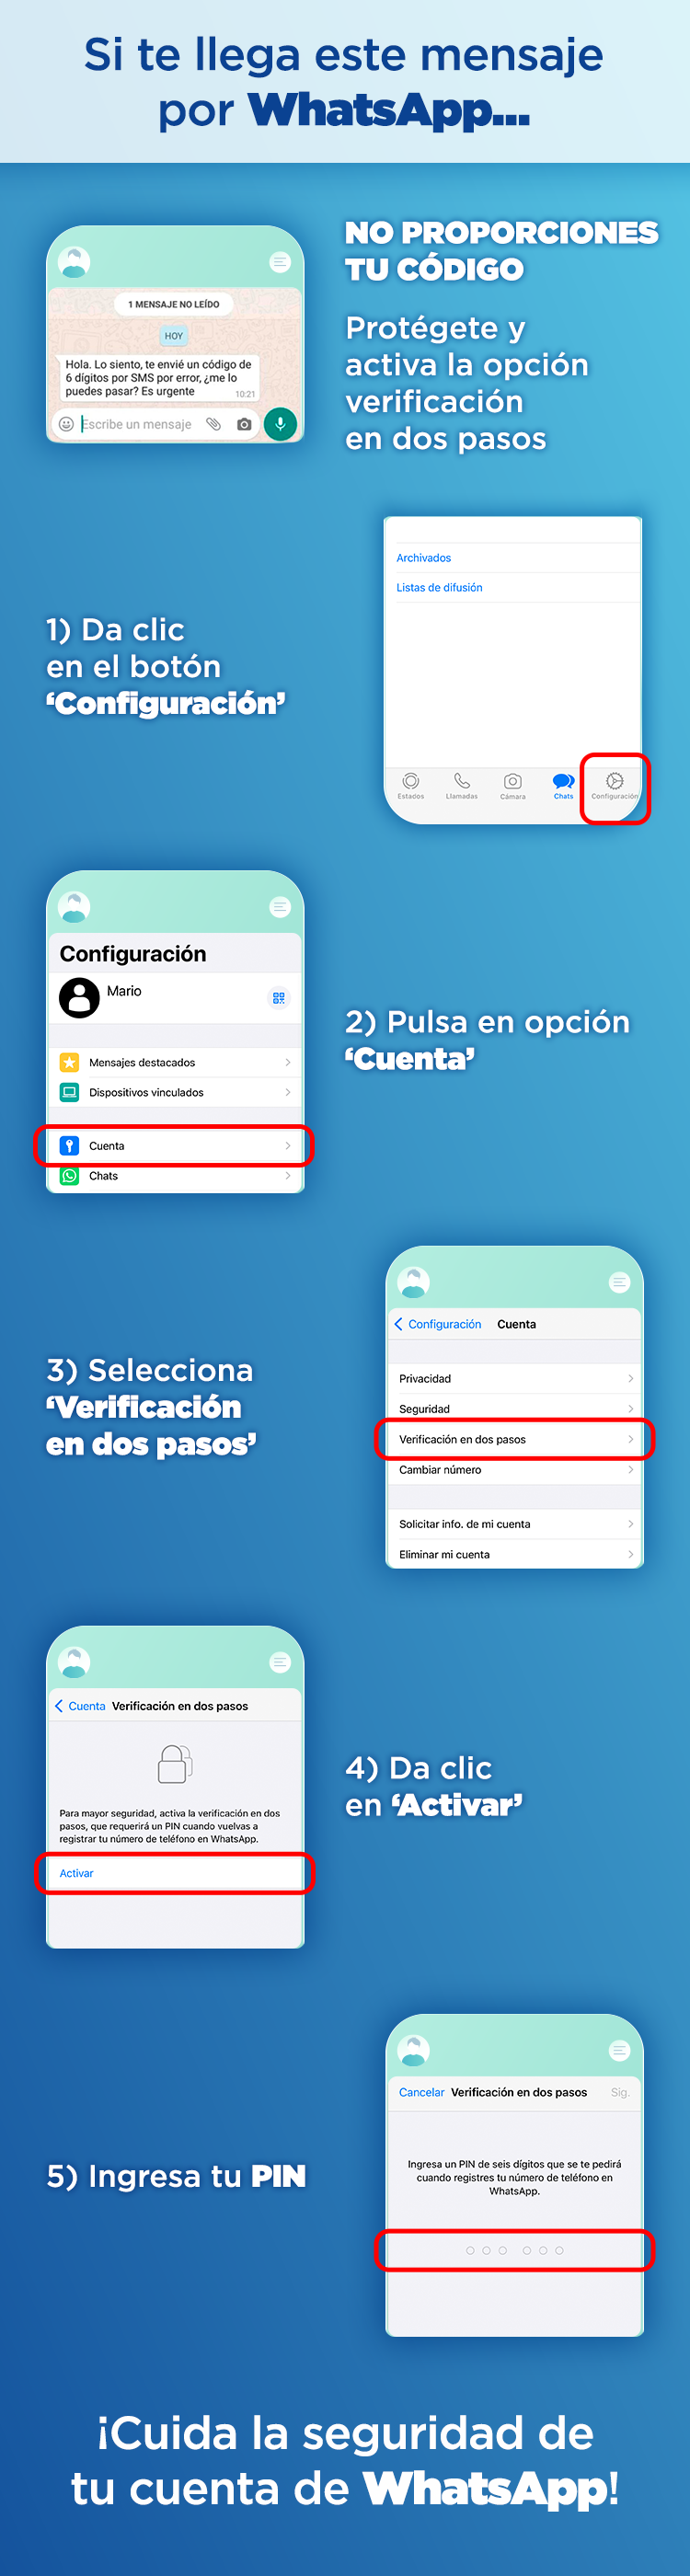 cómo activar la verificación en dos pasos en whatsapp - Blog hola telcel